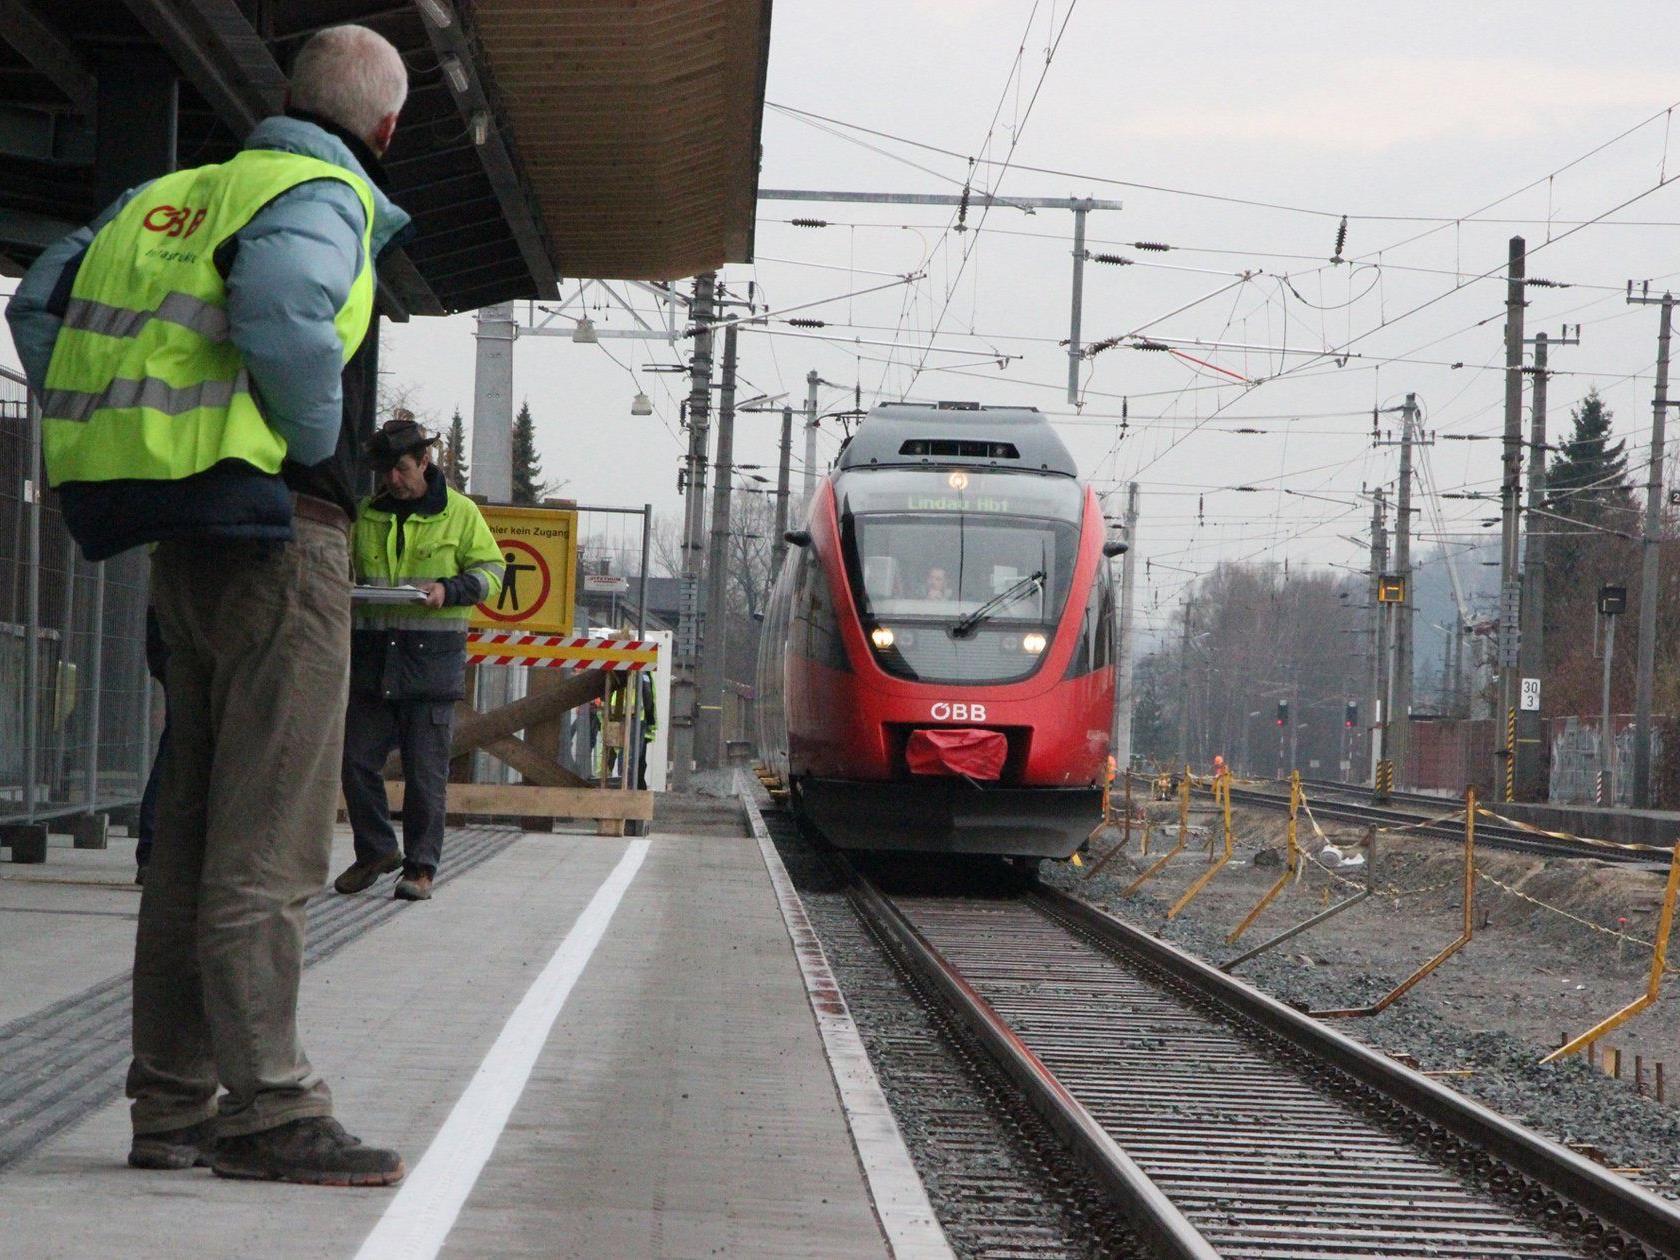 Einfahrt eines Talentzuges am Bahnsteig 1 in Hohenems – die Bauarbeiten für den modernen Bahnhof gehen intensiv weiter.